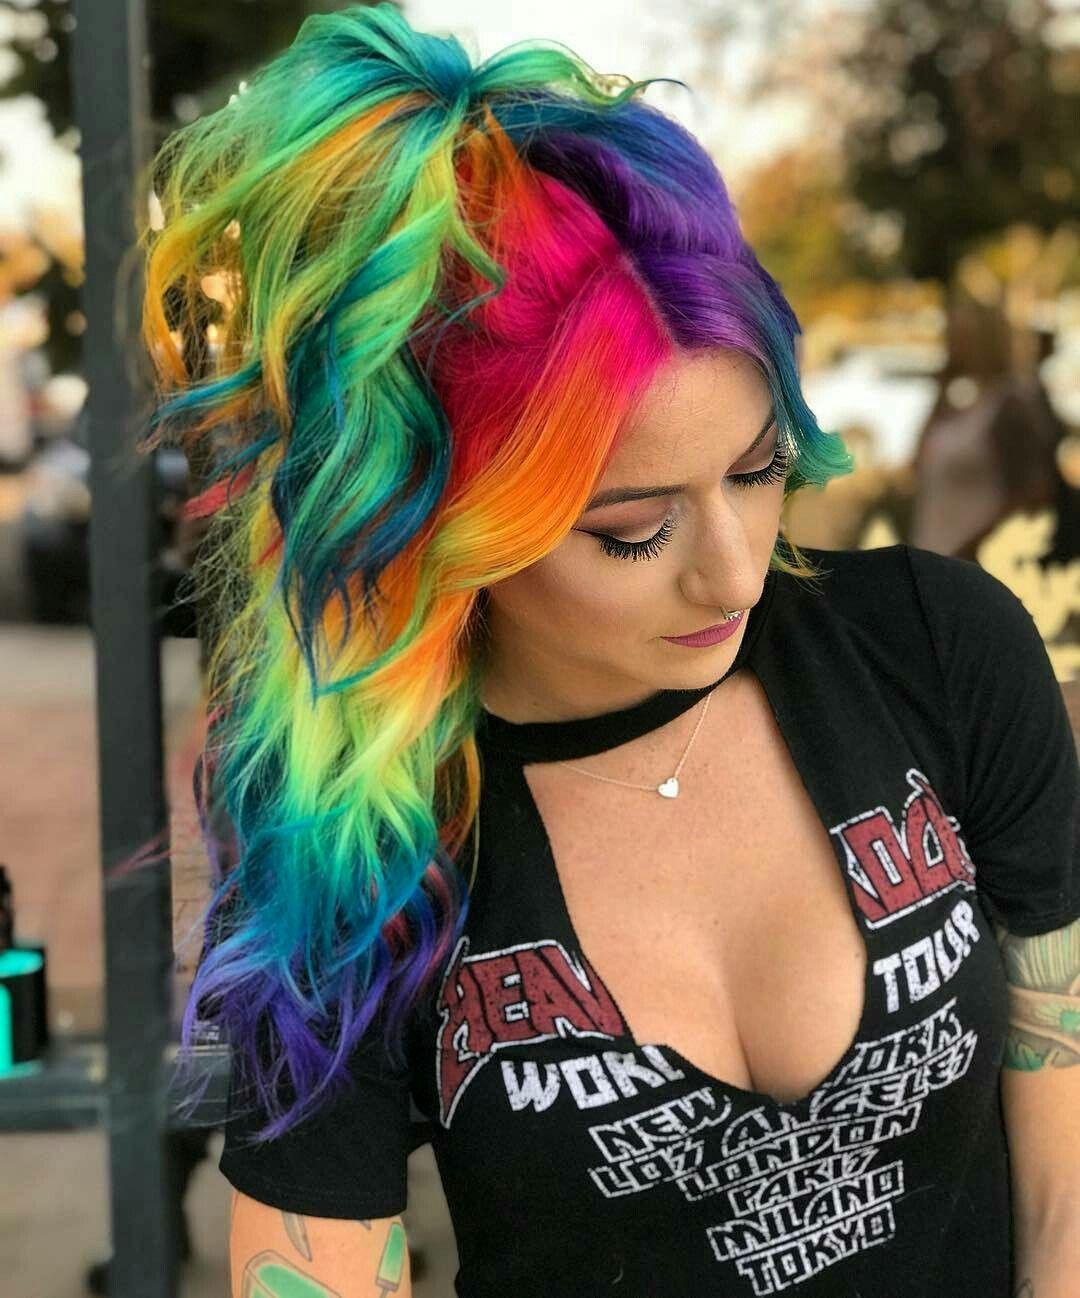 Cool boy hair dye pin by tara warburtonschwaber on hair  pinterest  hair coloring